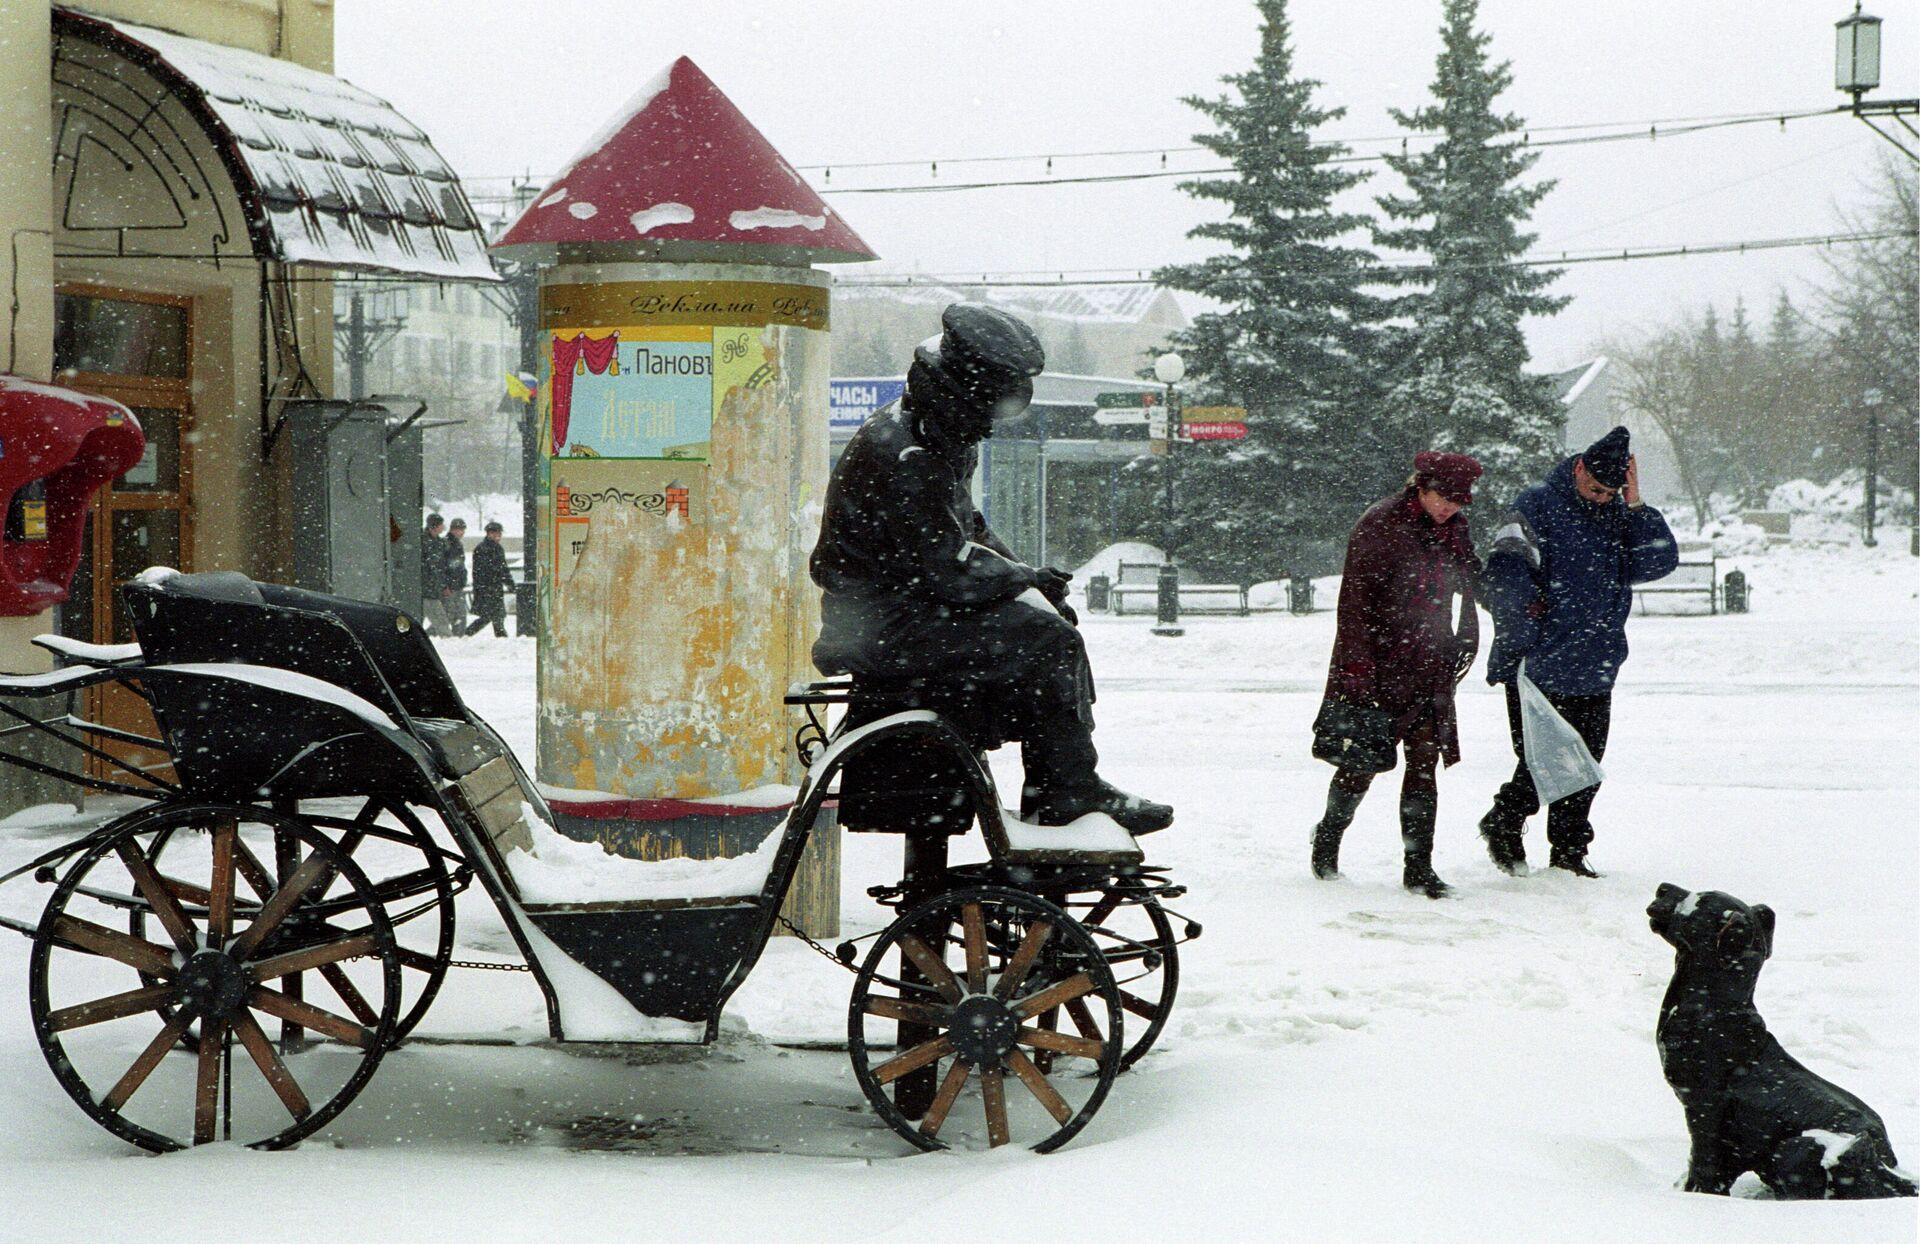 Повозка с кучером на улице Кирова в Челябинске - РИА Новости, 1920, 06.06.2021